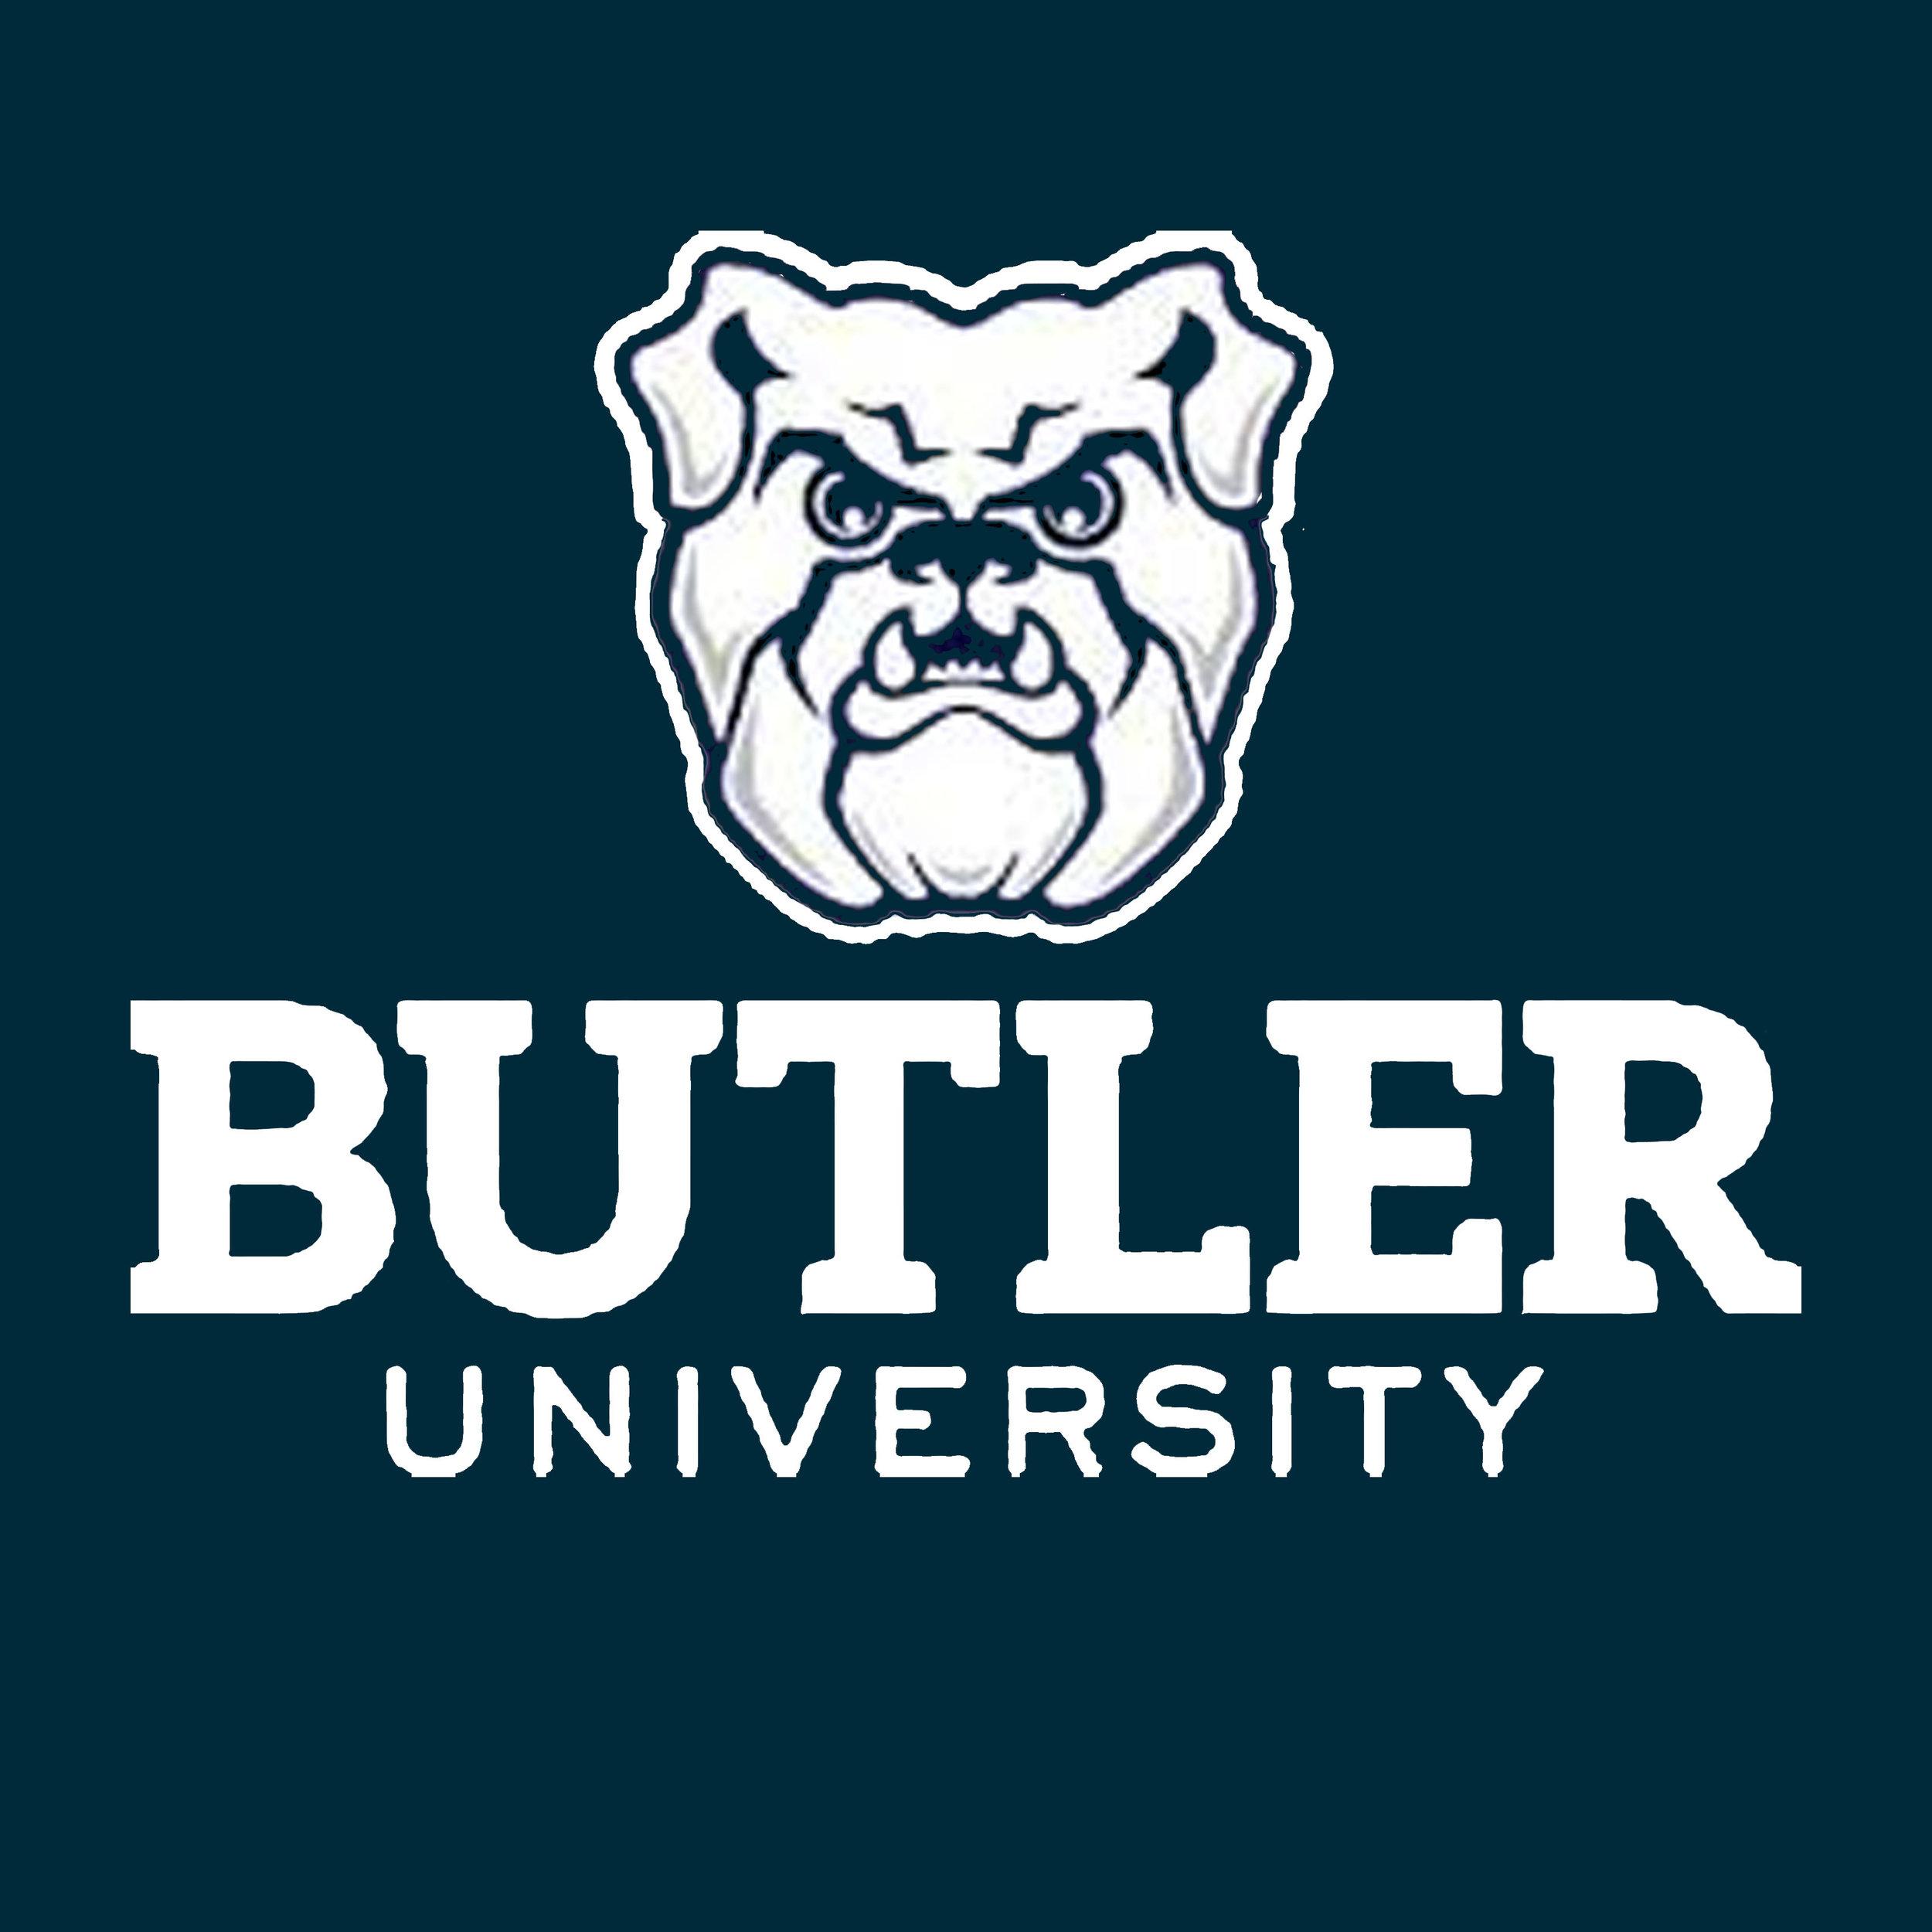 butler university.jpg